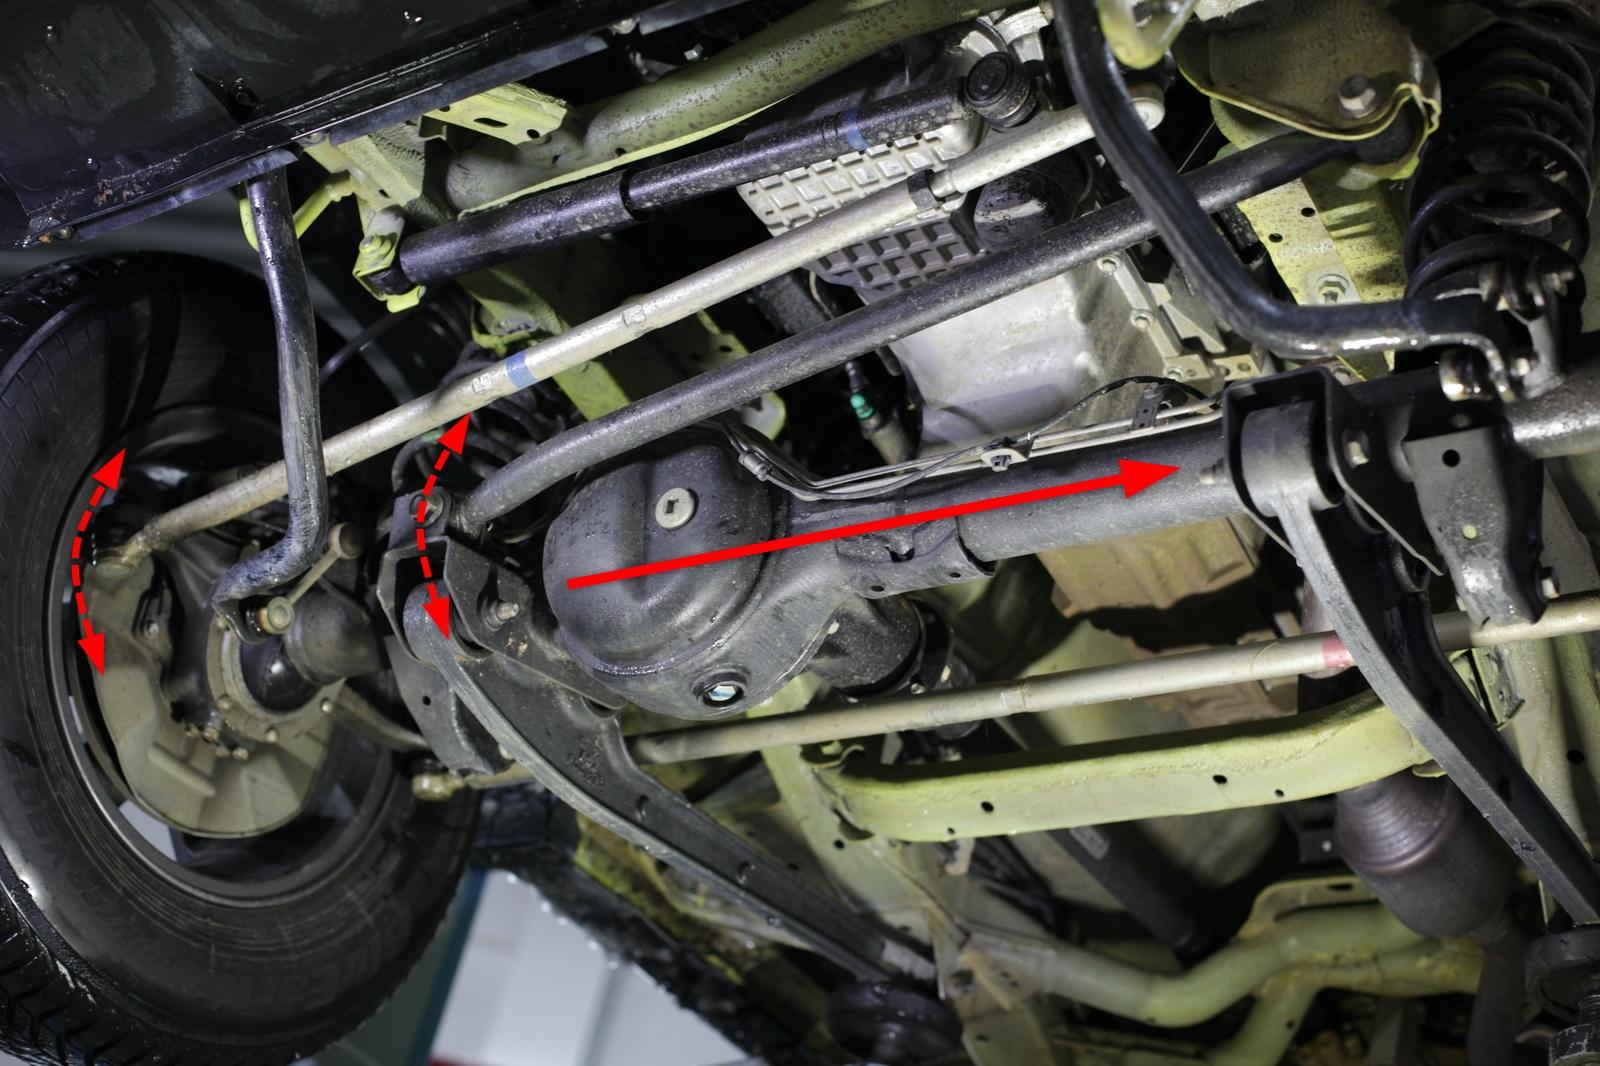 Da Panhardstab und Lenkstange gleich angeordnet sind, erfolgt der seitliche Ausgleich für die Lenkung automatisch.